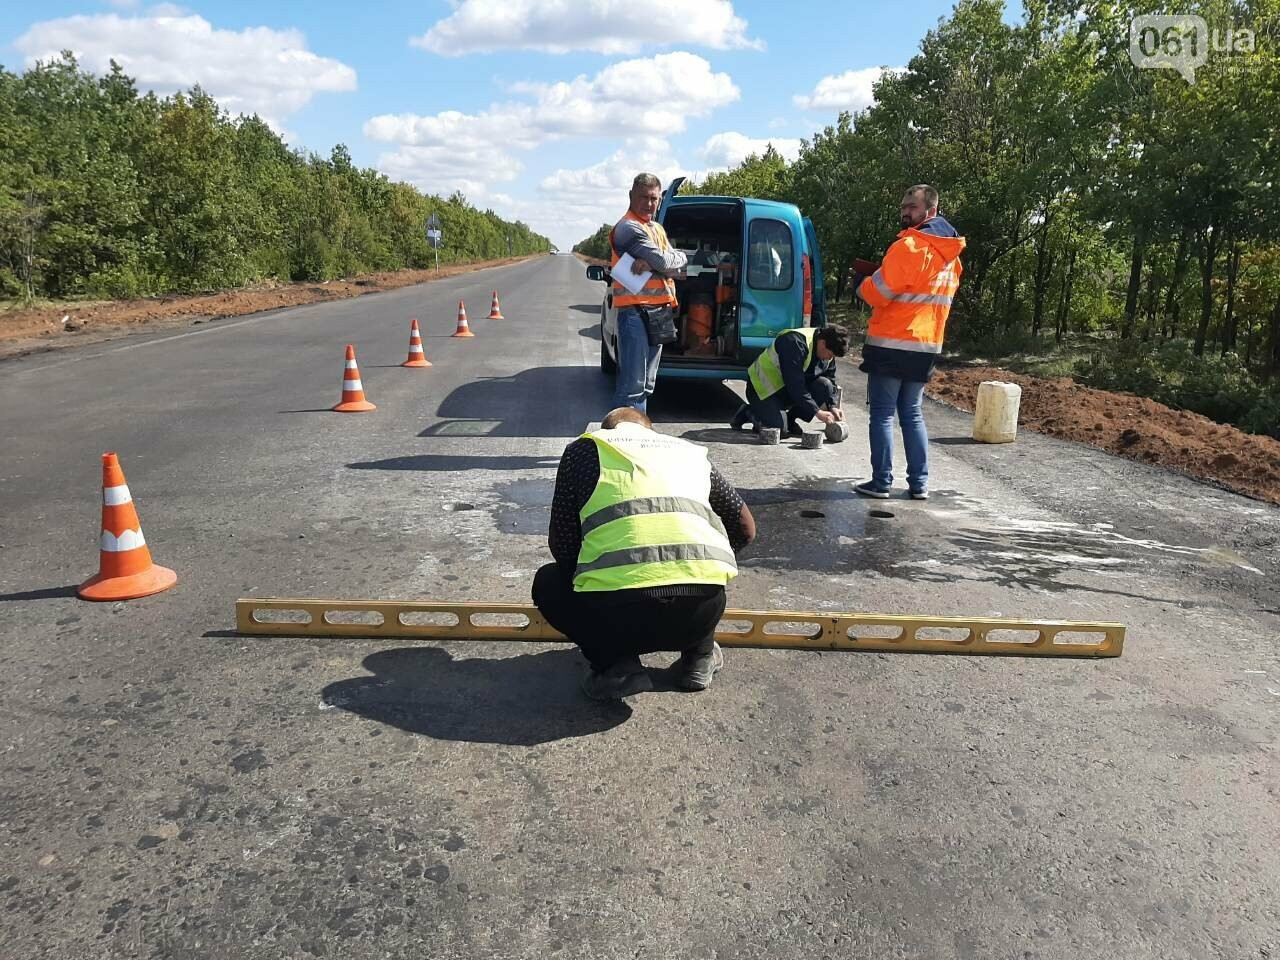 Сделали на 90%: на отремонтированной трассе Запорожье-Мариуполь наносят разметку и устанавливают знаки, фото-5